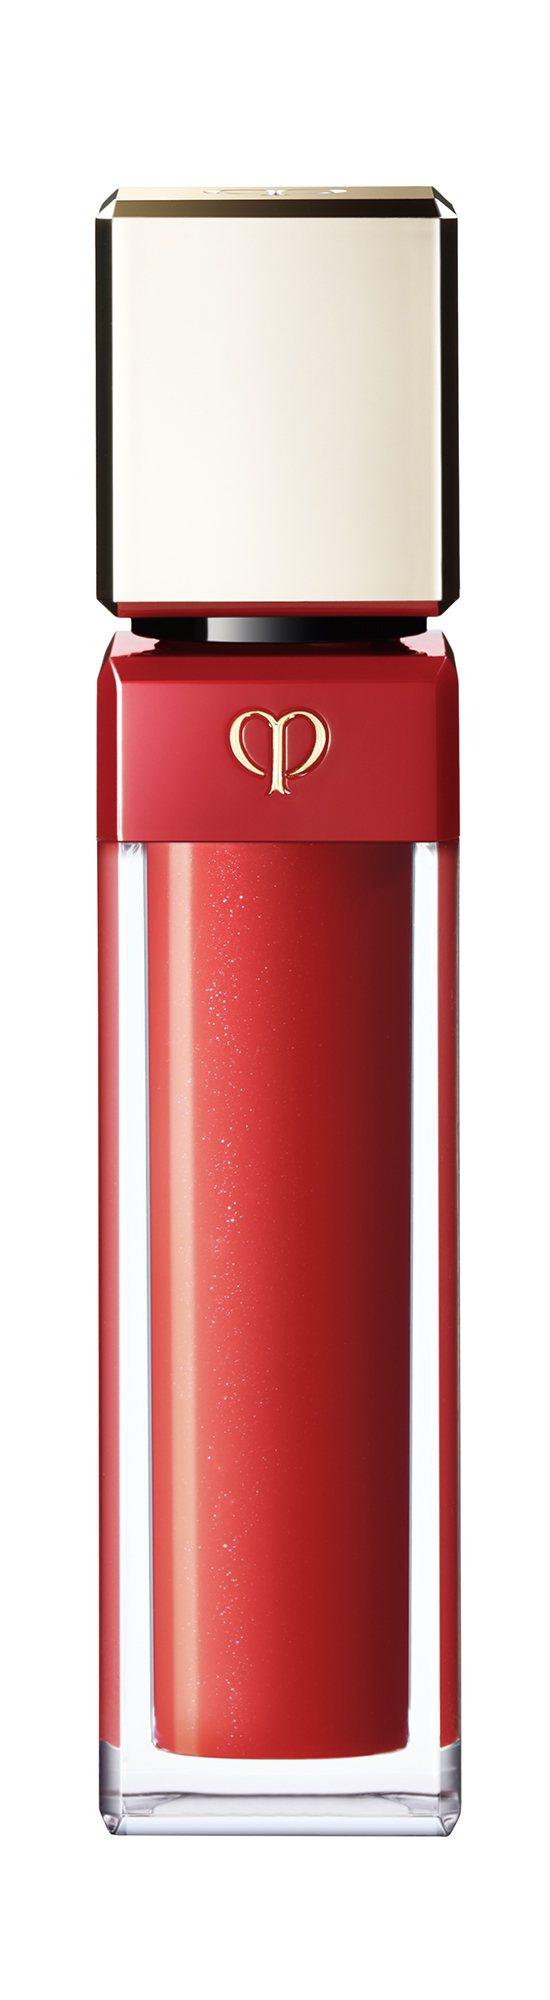 肌膚之鑰 奢華艷光唇晶蜜 #103 8ml/1,300元。 圖/肌膚之鑰提供